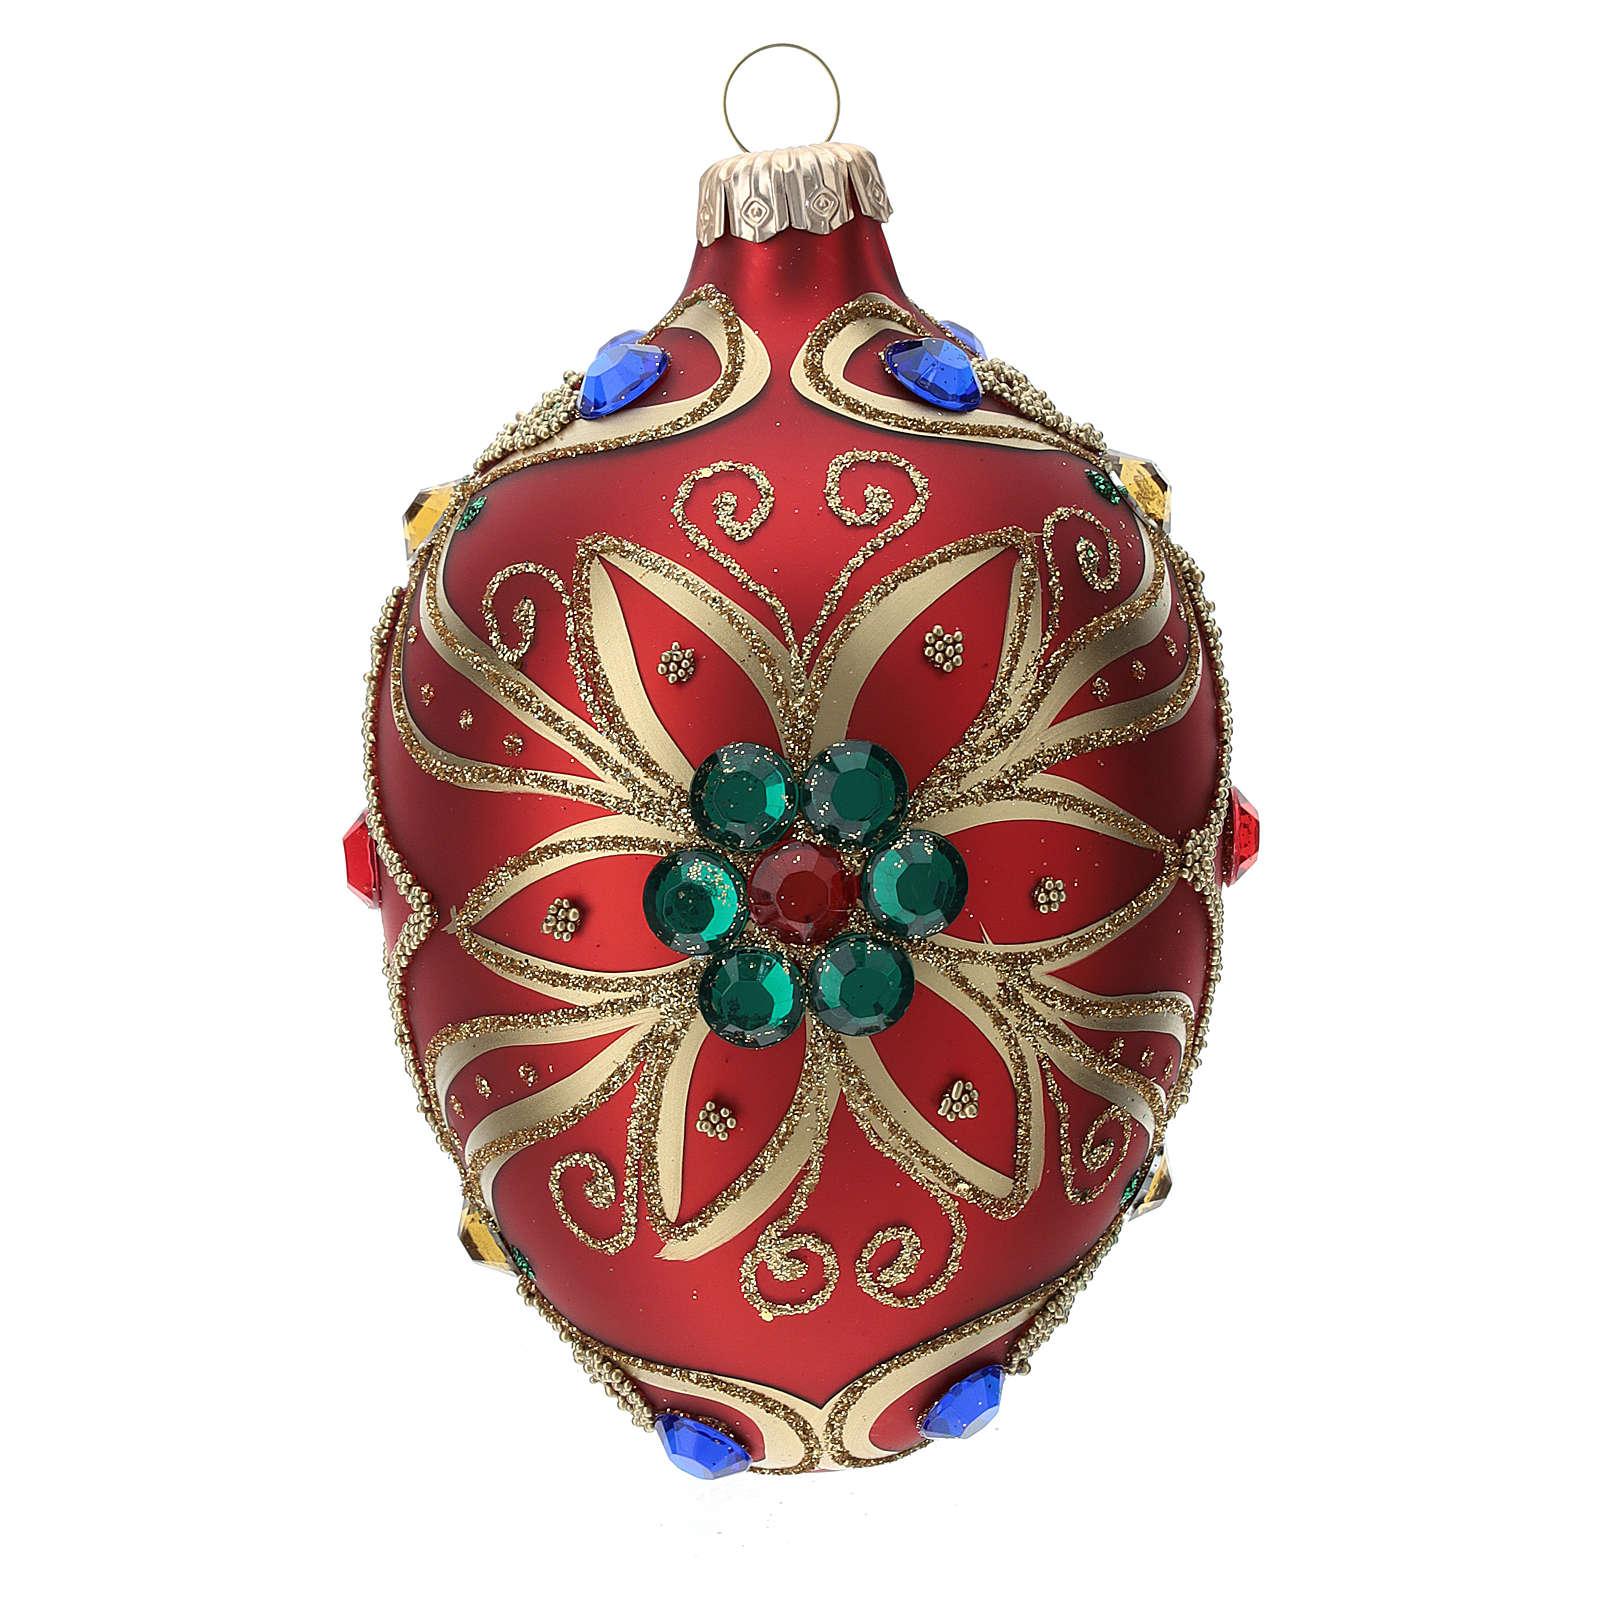 STOCK Addobbo goccia vetro 80 mm rosso decorazione fiore dorato 4